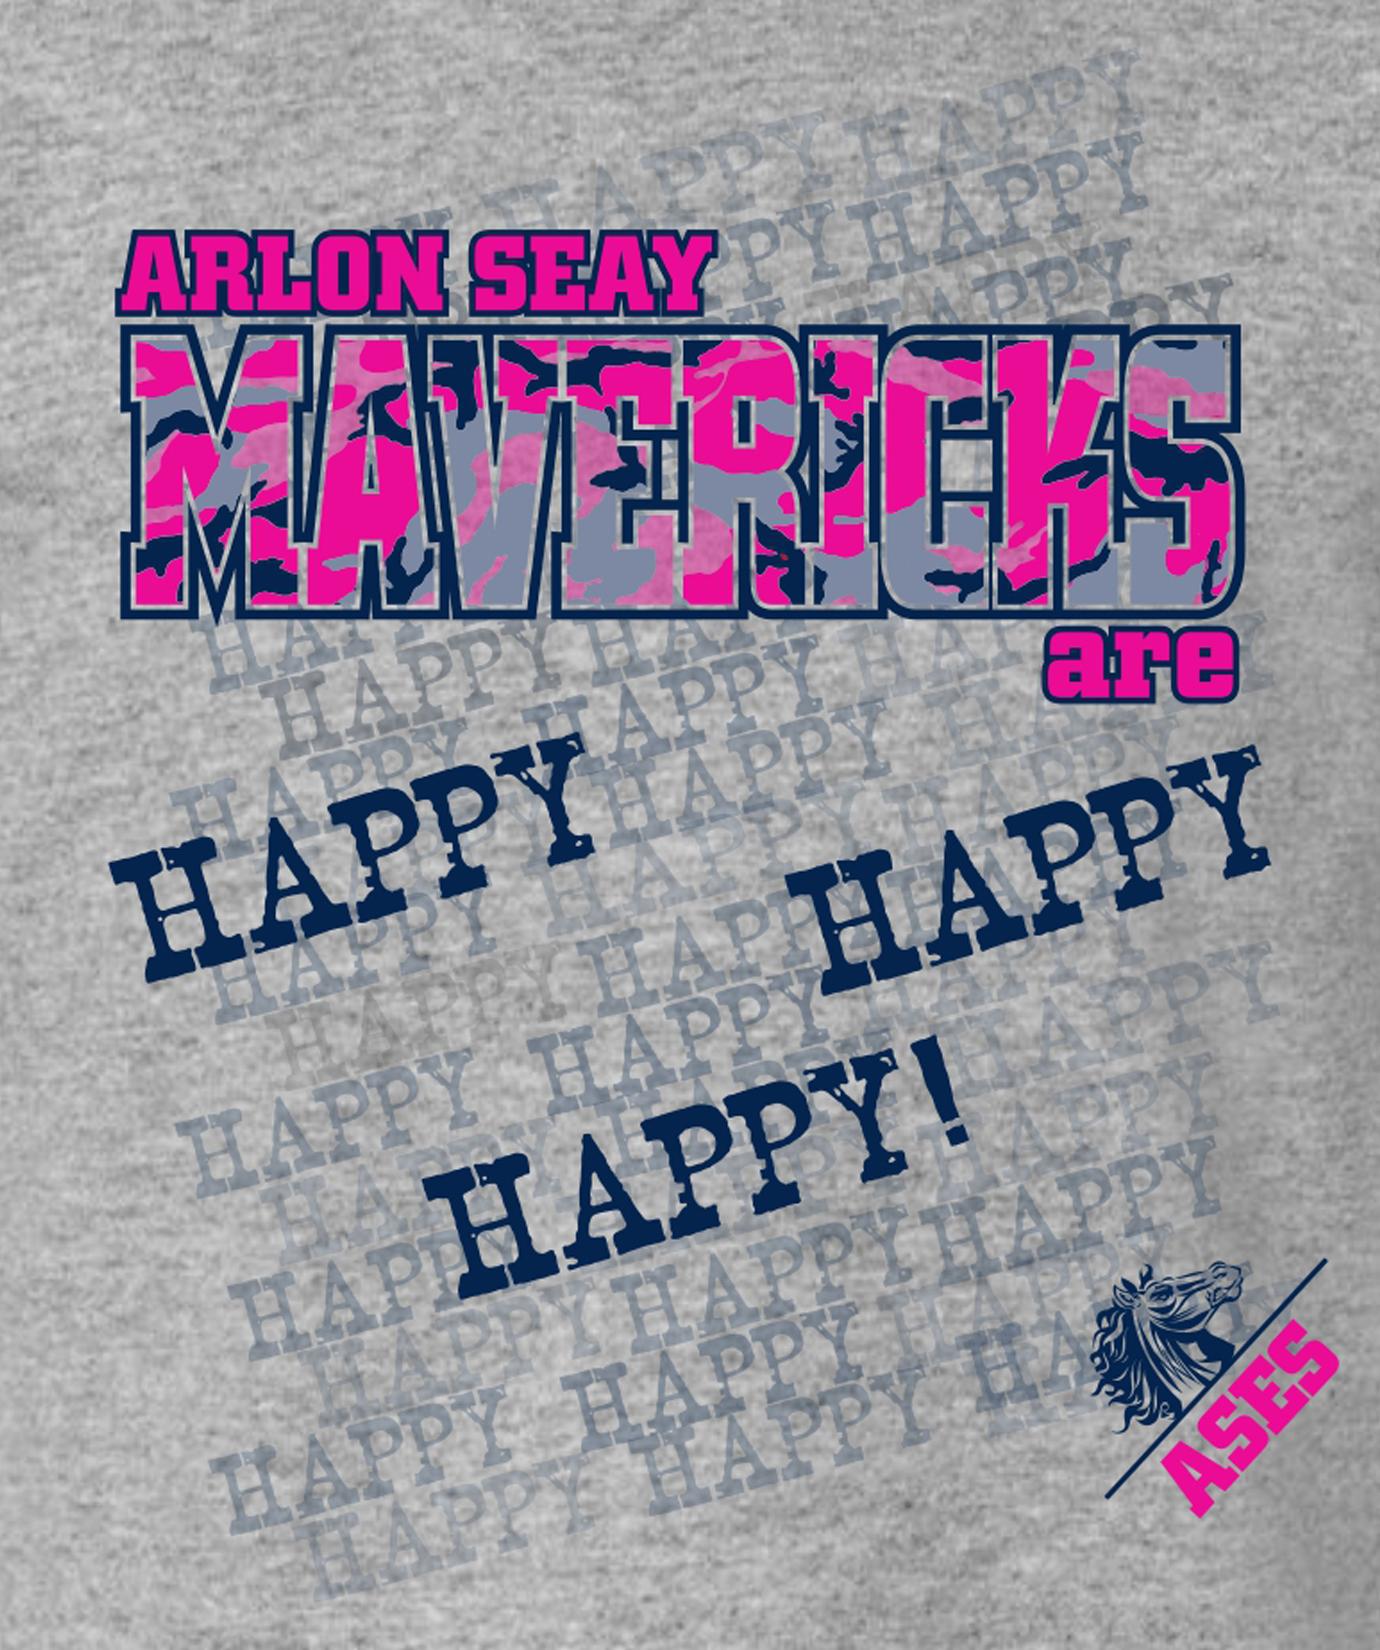 ASES Happy Happy Happy art proof August 12.jpg